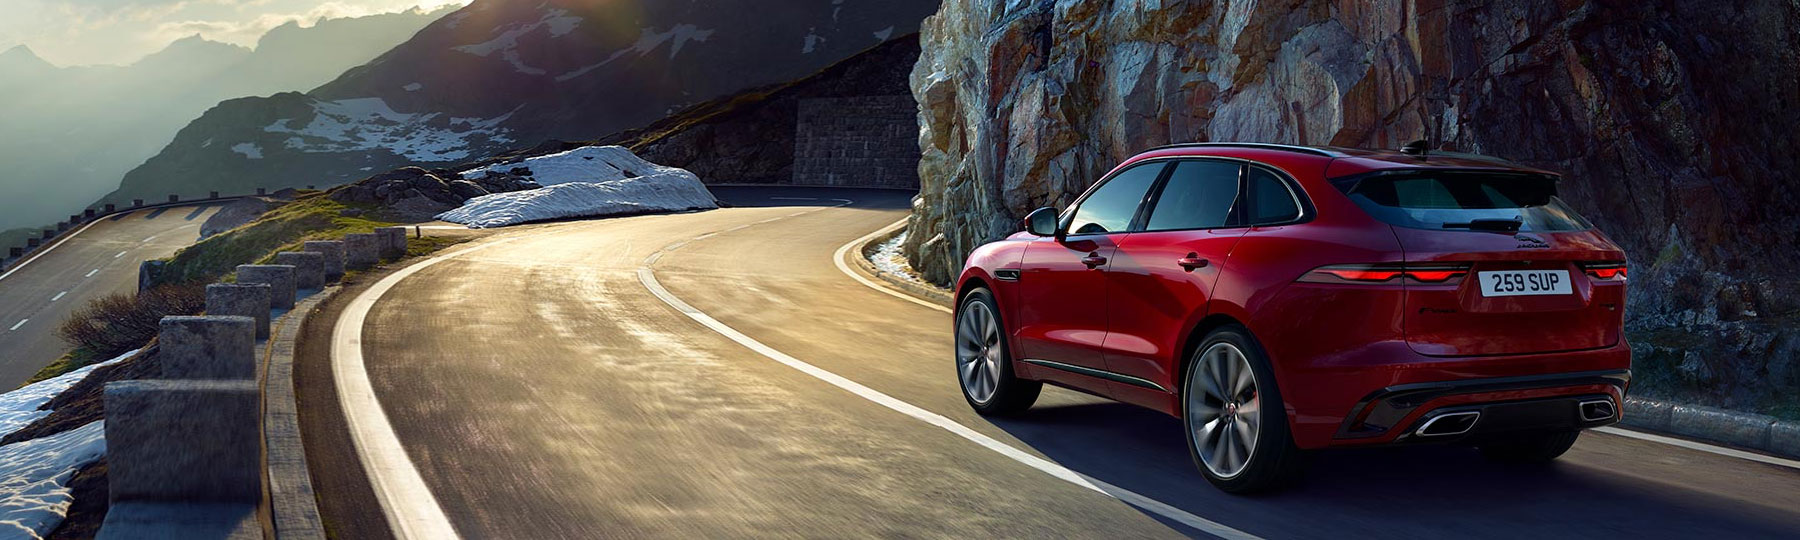 Jaguar Fleet & Business F-PACE Contract Hire